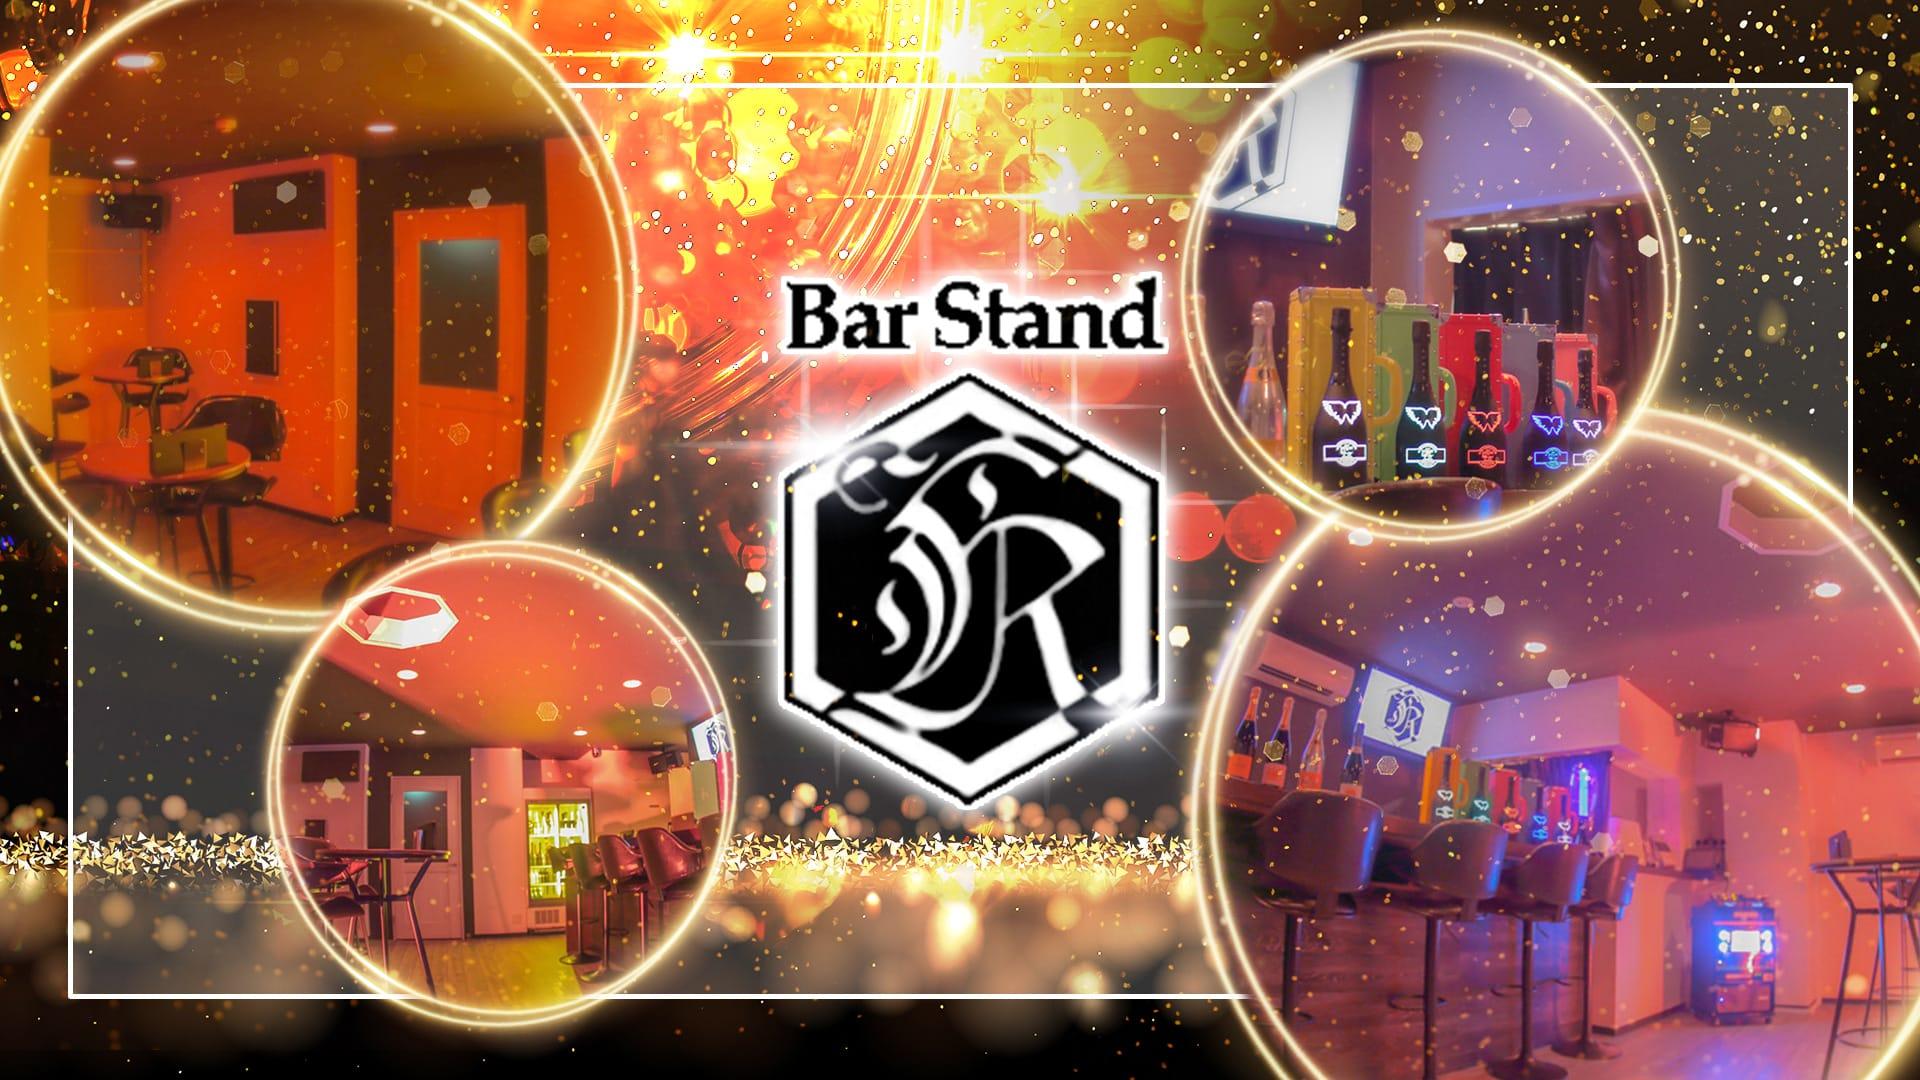 Bar Stand KING (キング)【公式求人・体入情報】 錦糸町ガールズバー TOP画像